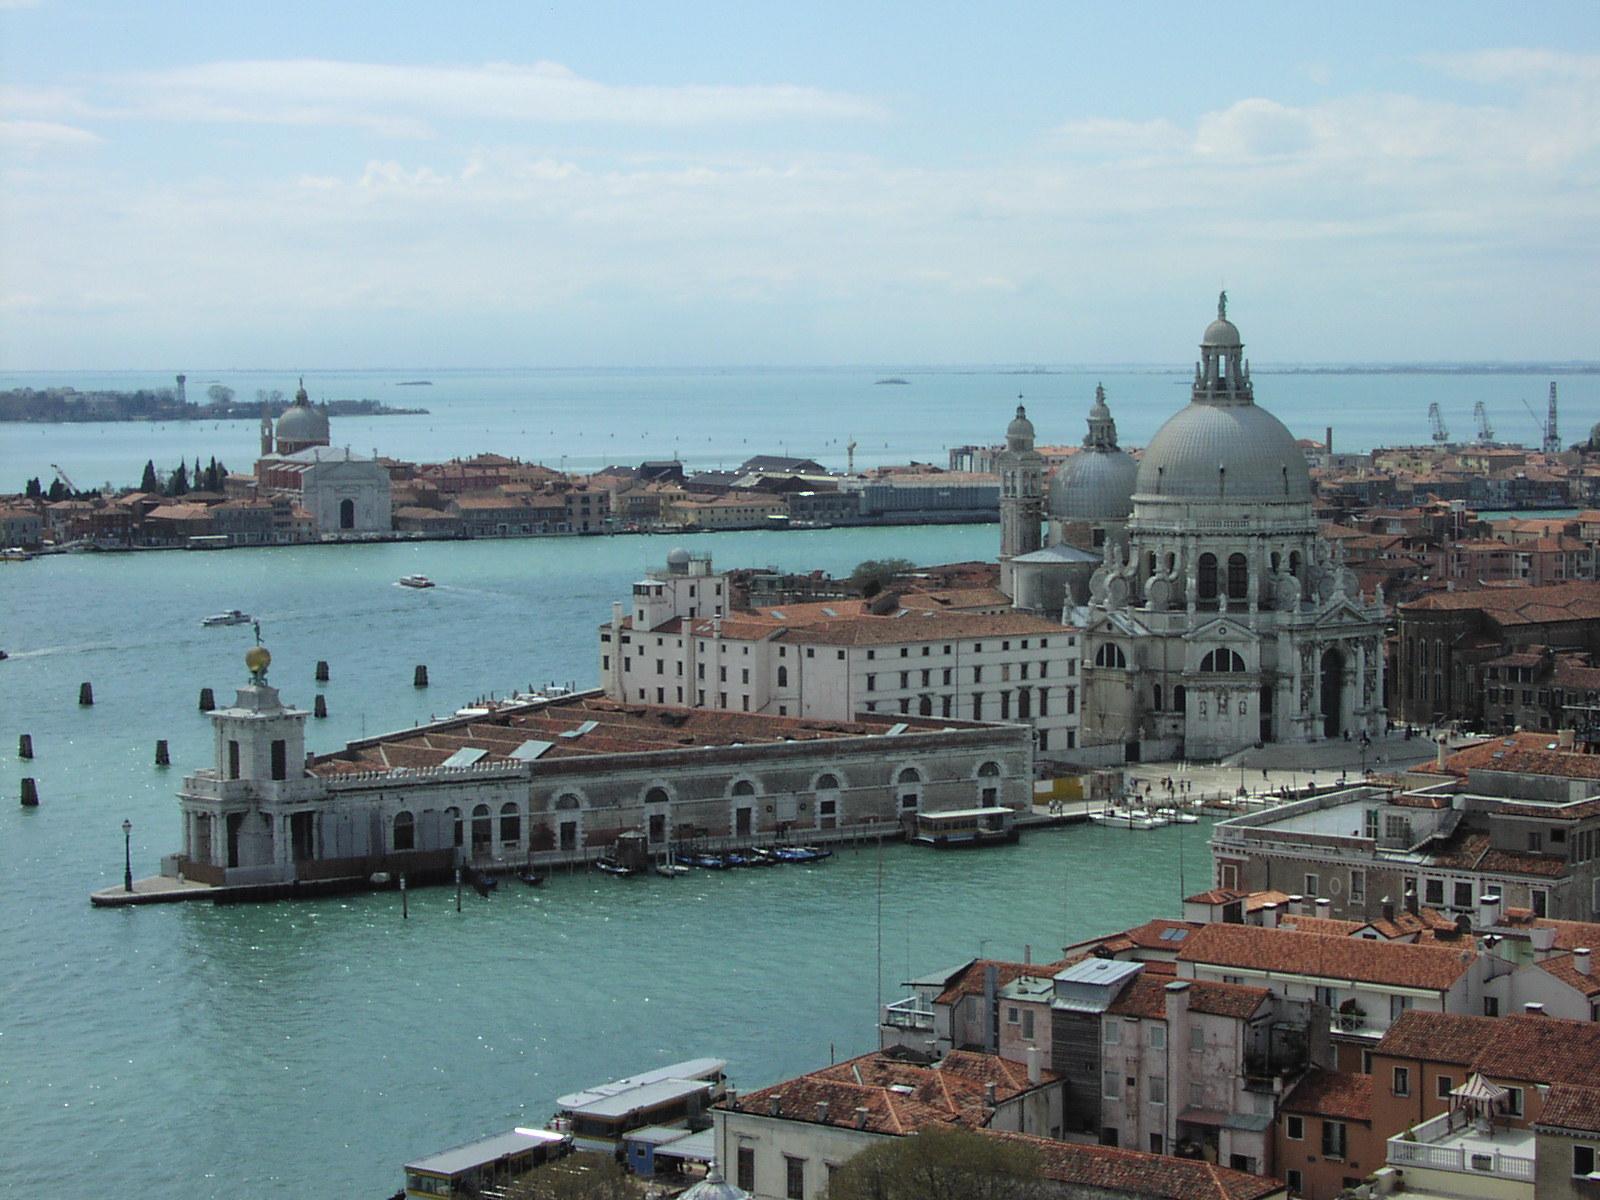 Noleggio Barche Venezia - Navalia | Noleggia un Sogno